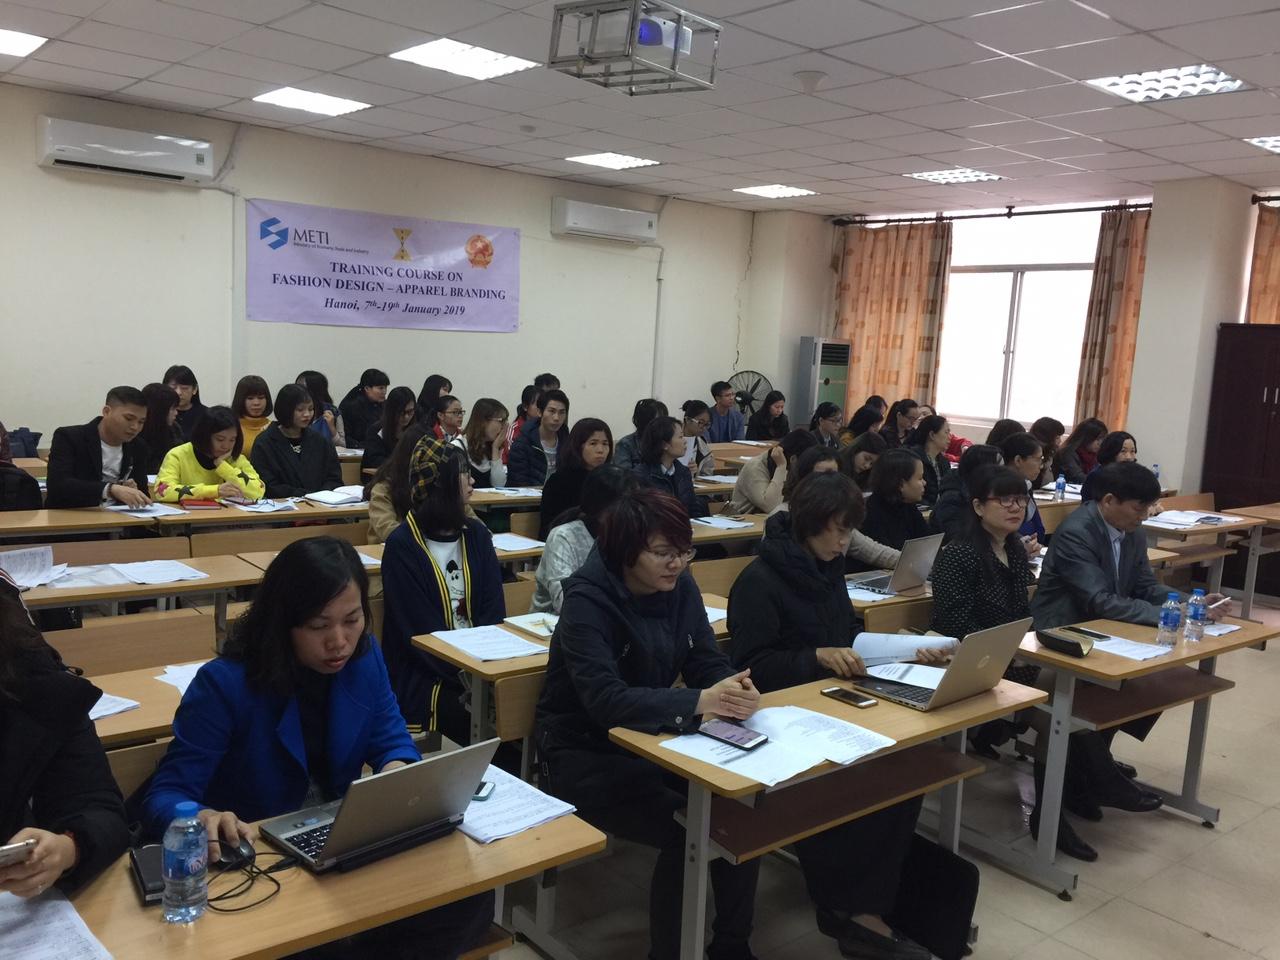 Hơn 60 học viên tham dự Khóa đào tạo thiết kế thời trang - quản trị sản xuất của METI